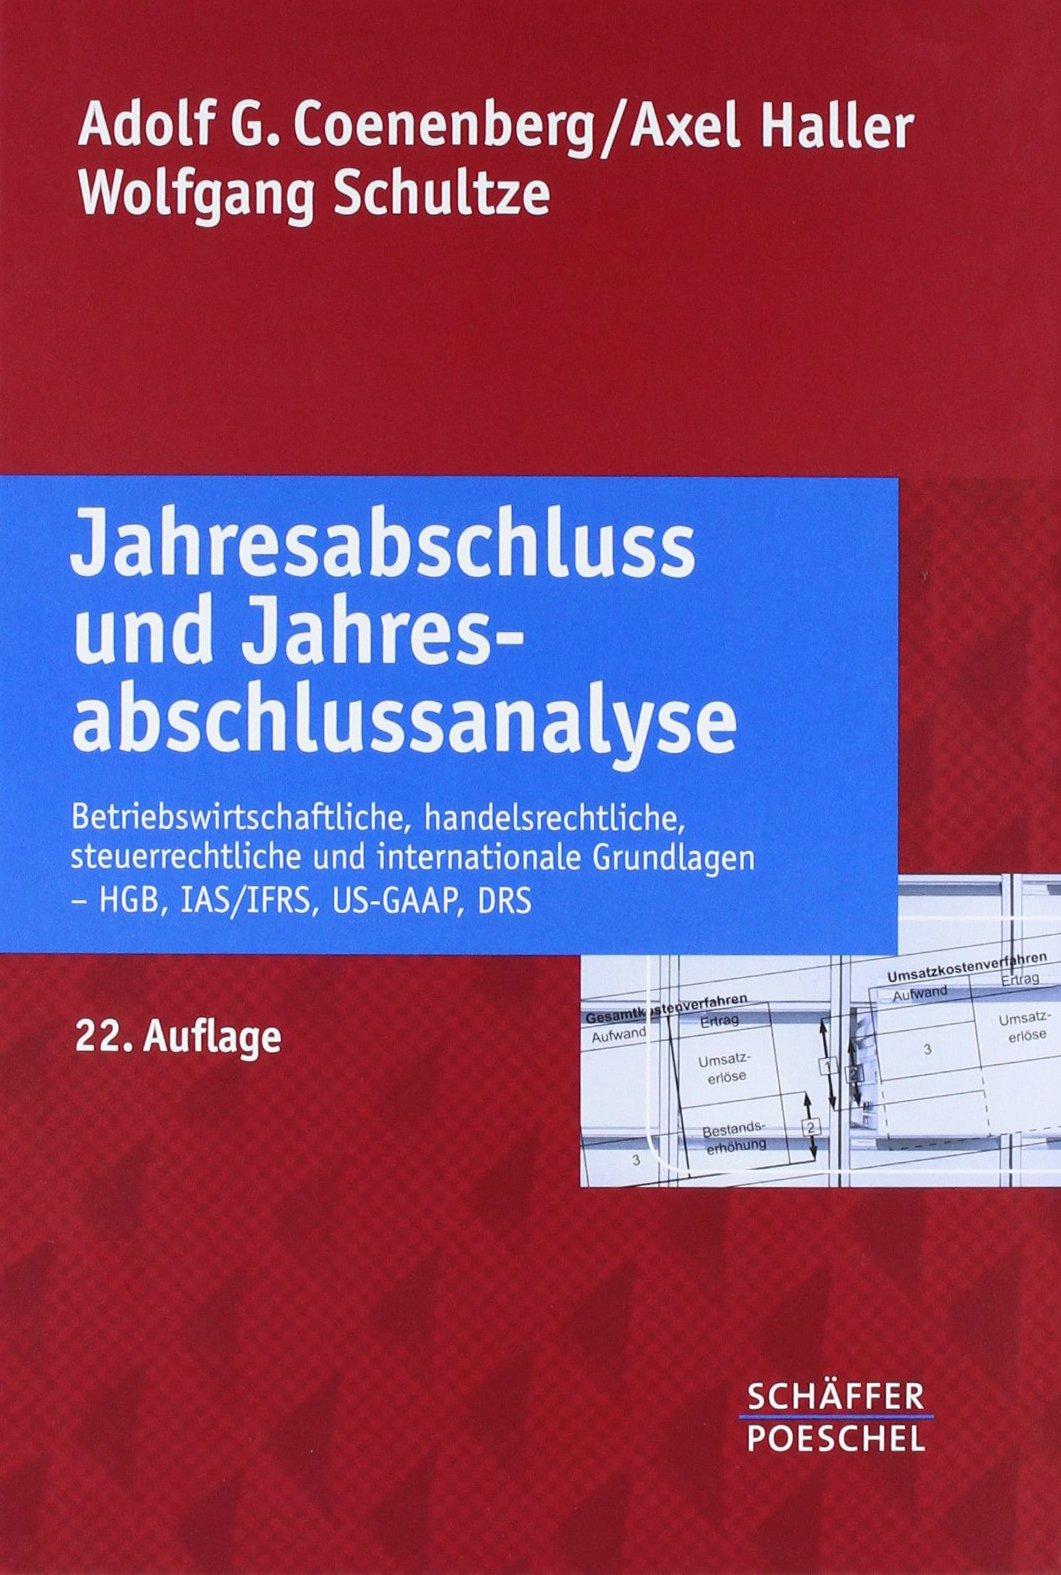 Jahresabschluss Und Jahresabschlussanalyse  Betriebswirtschaftliche Handelsrechtliche Steuerrechtliche Und Internationale Grundlagen – HGB IAS IFRS US GAAP DRS